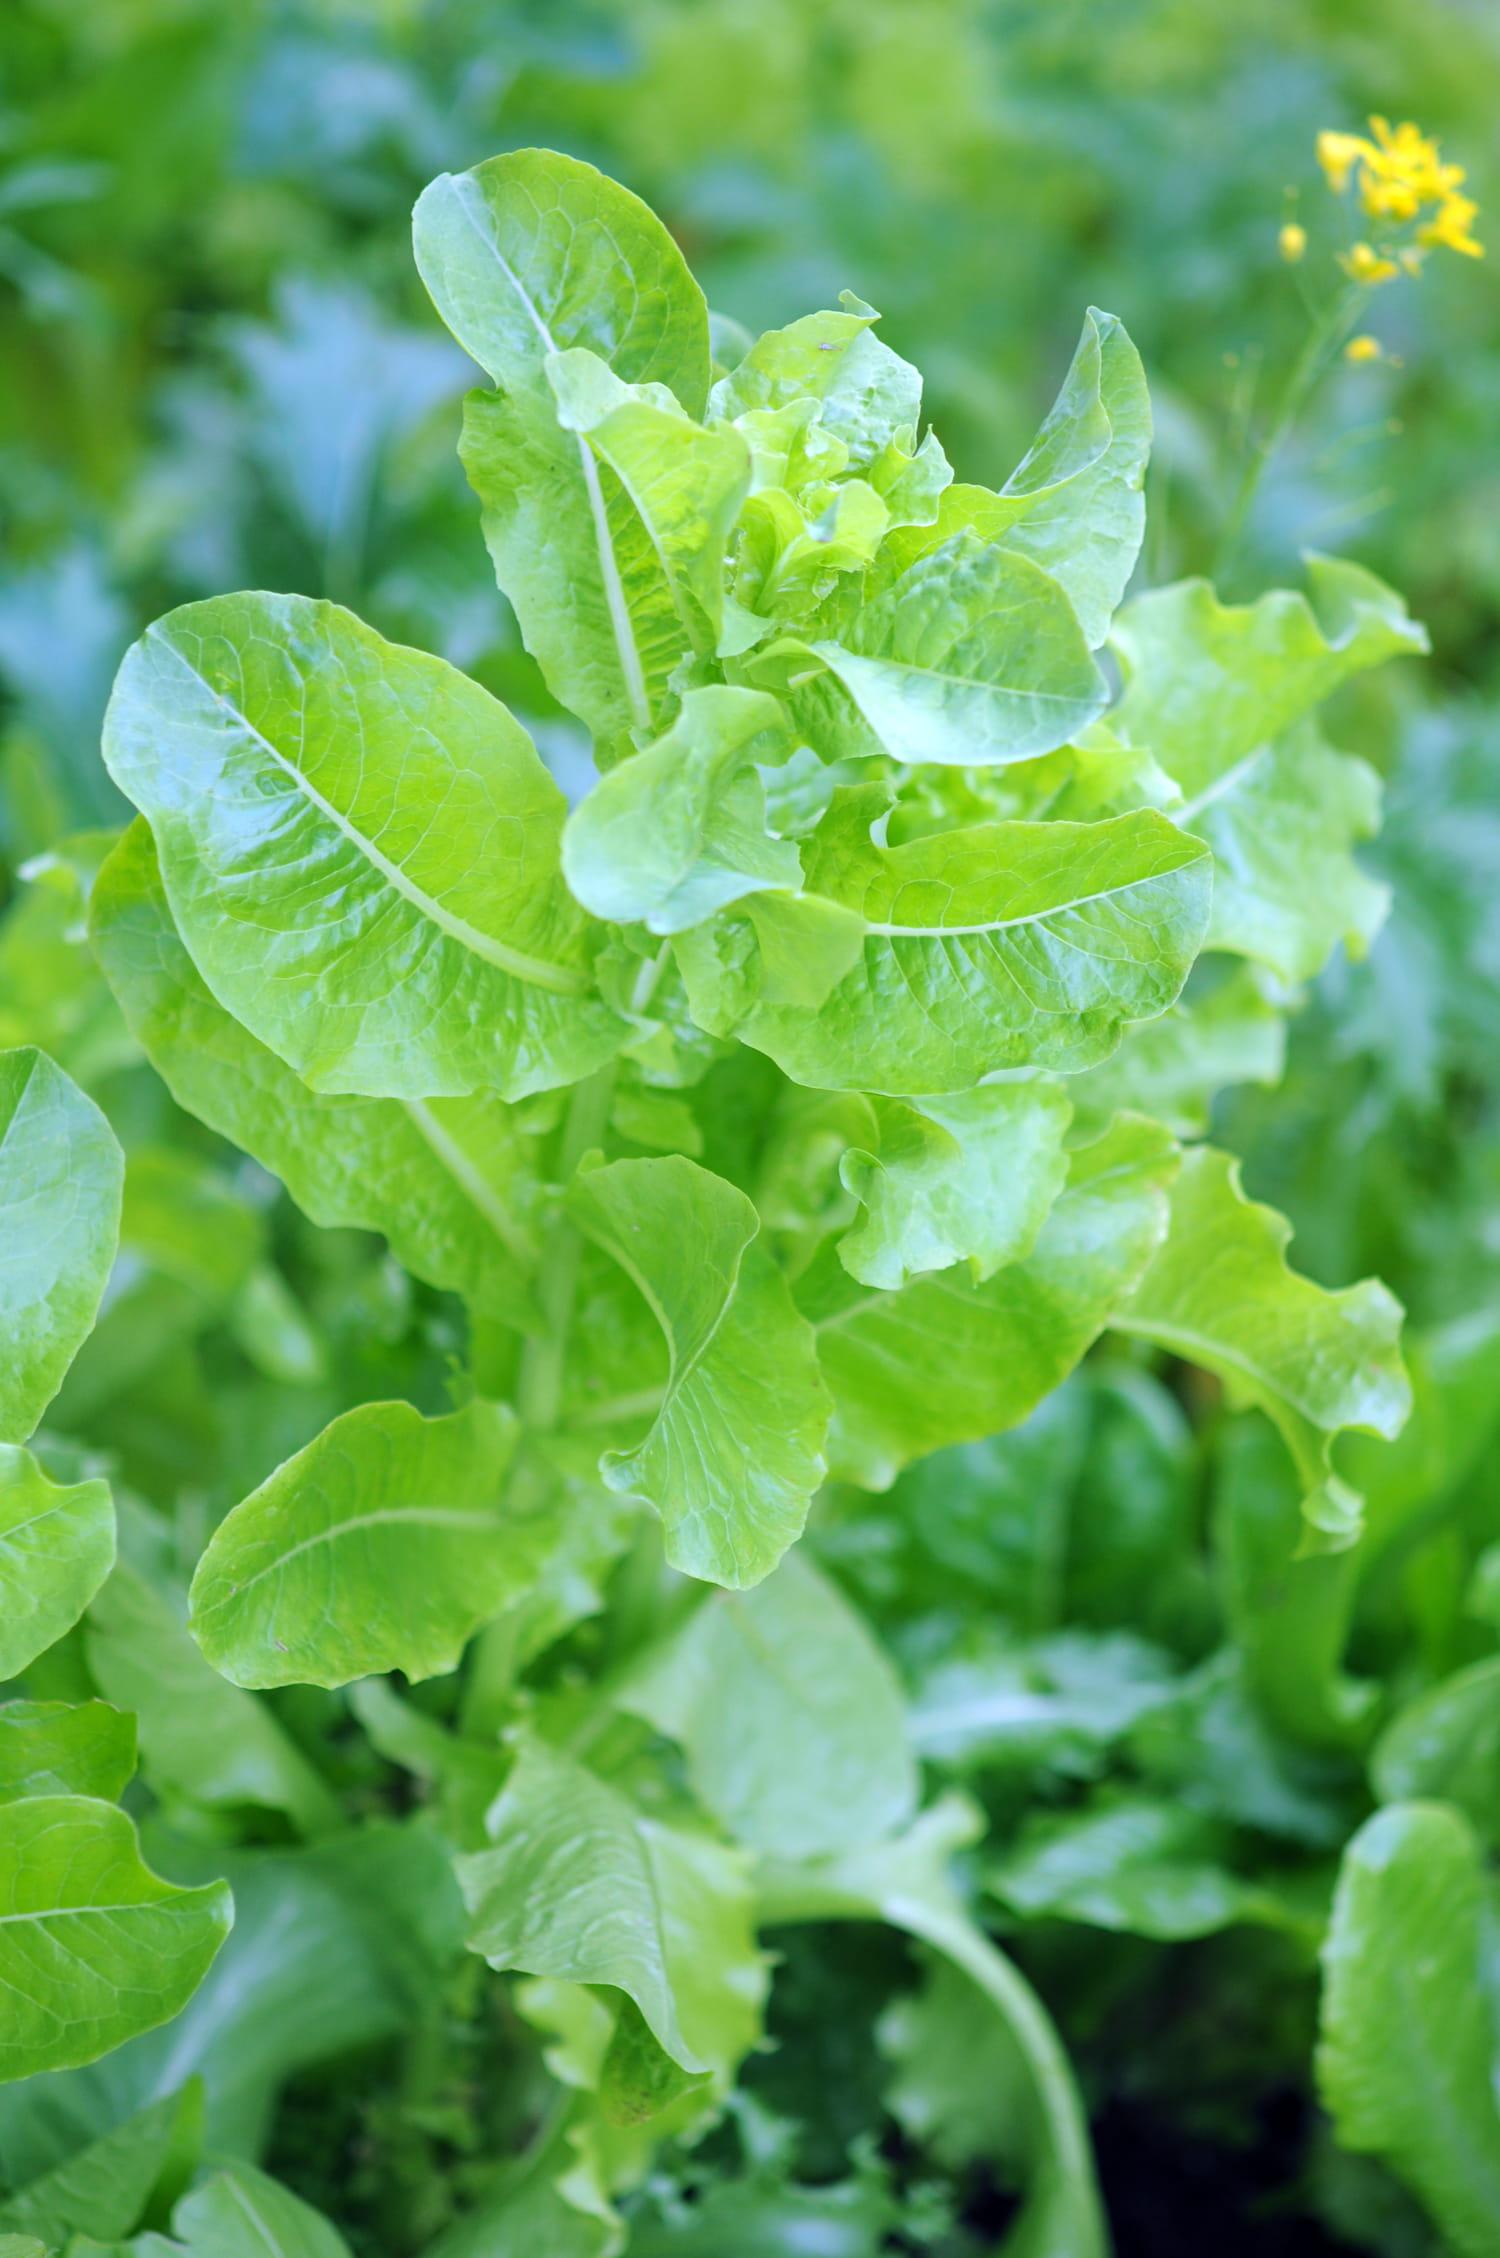 Montée en graines: pourquoi et quelles plantes subissent la montaison?